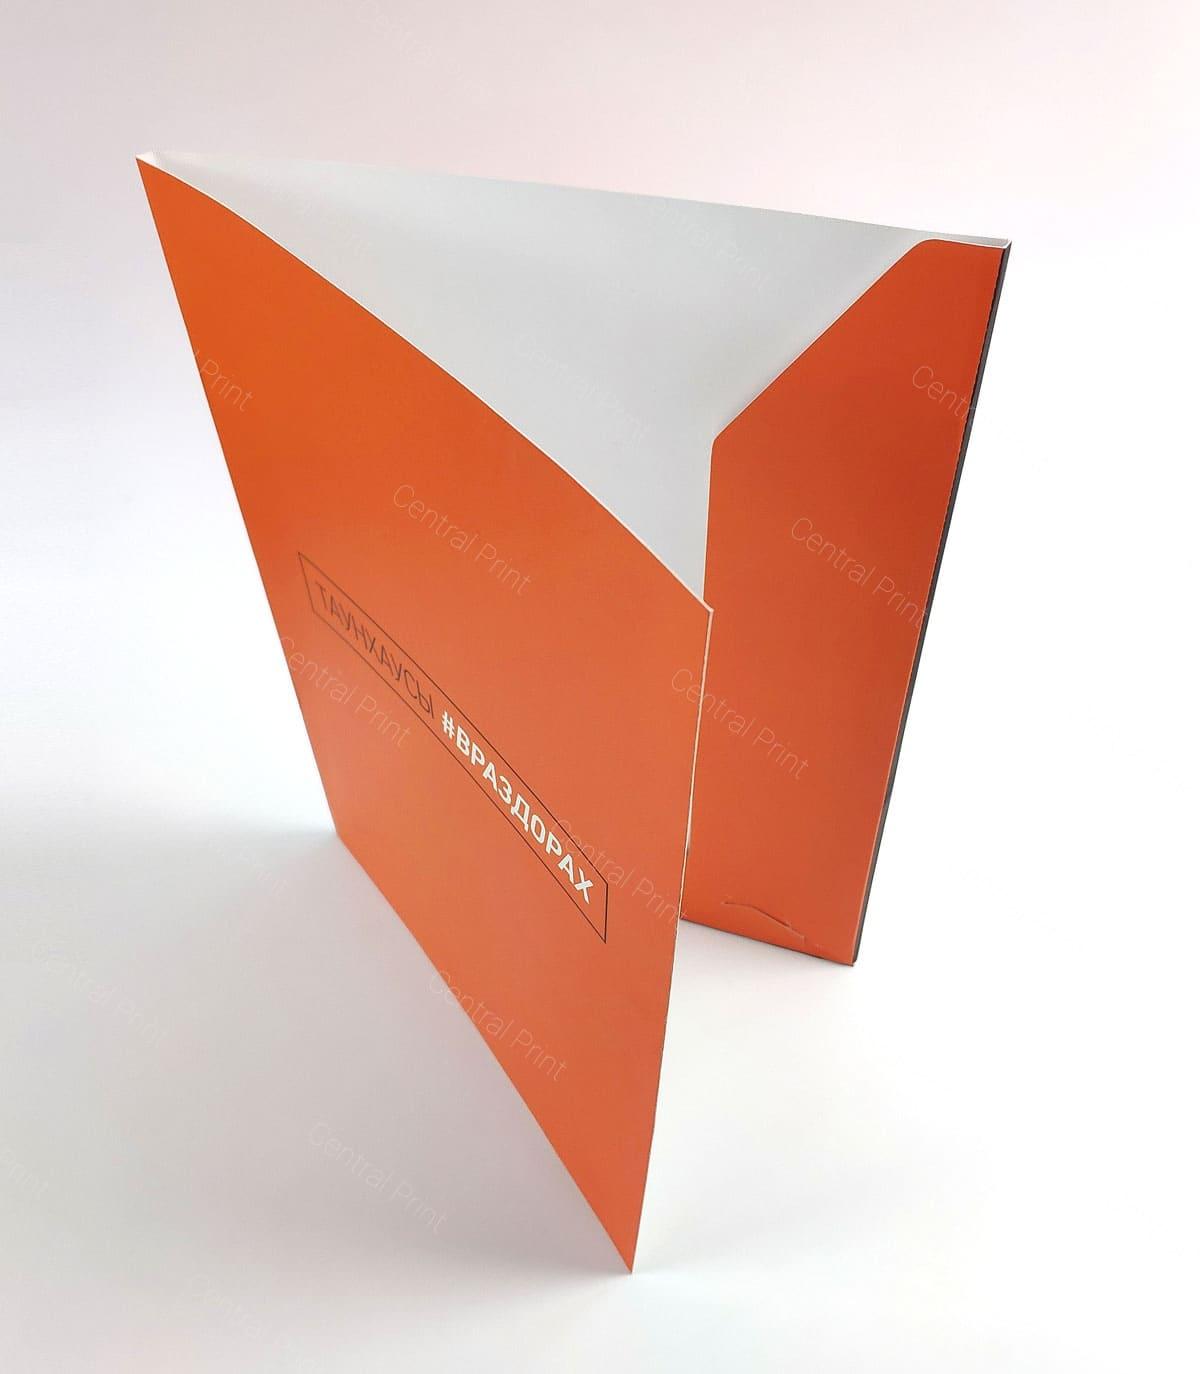 папка для документов в стиле фирмы